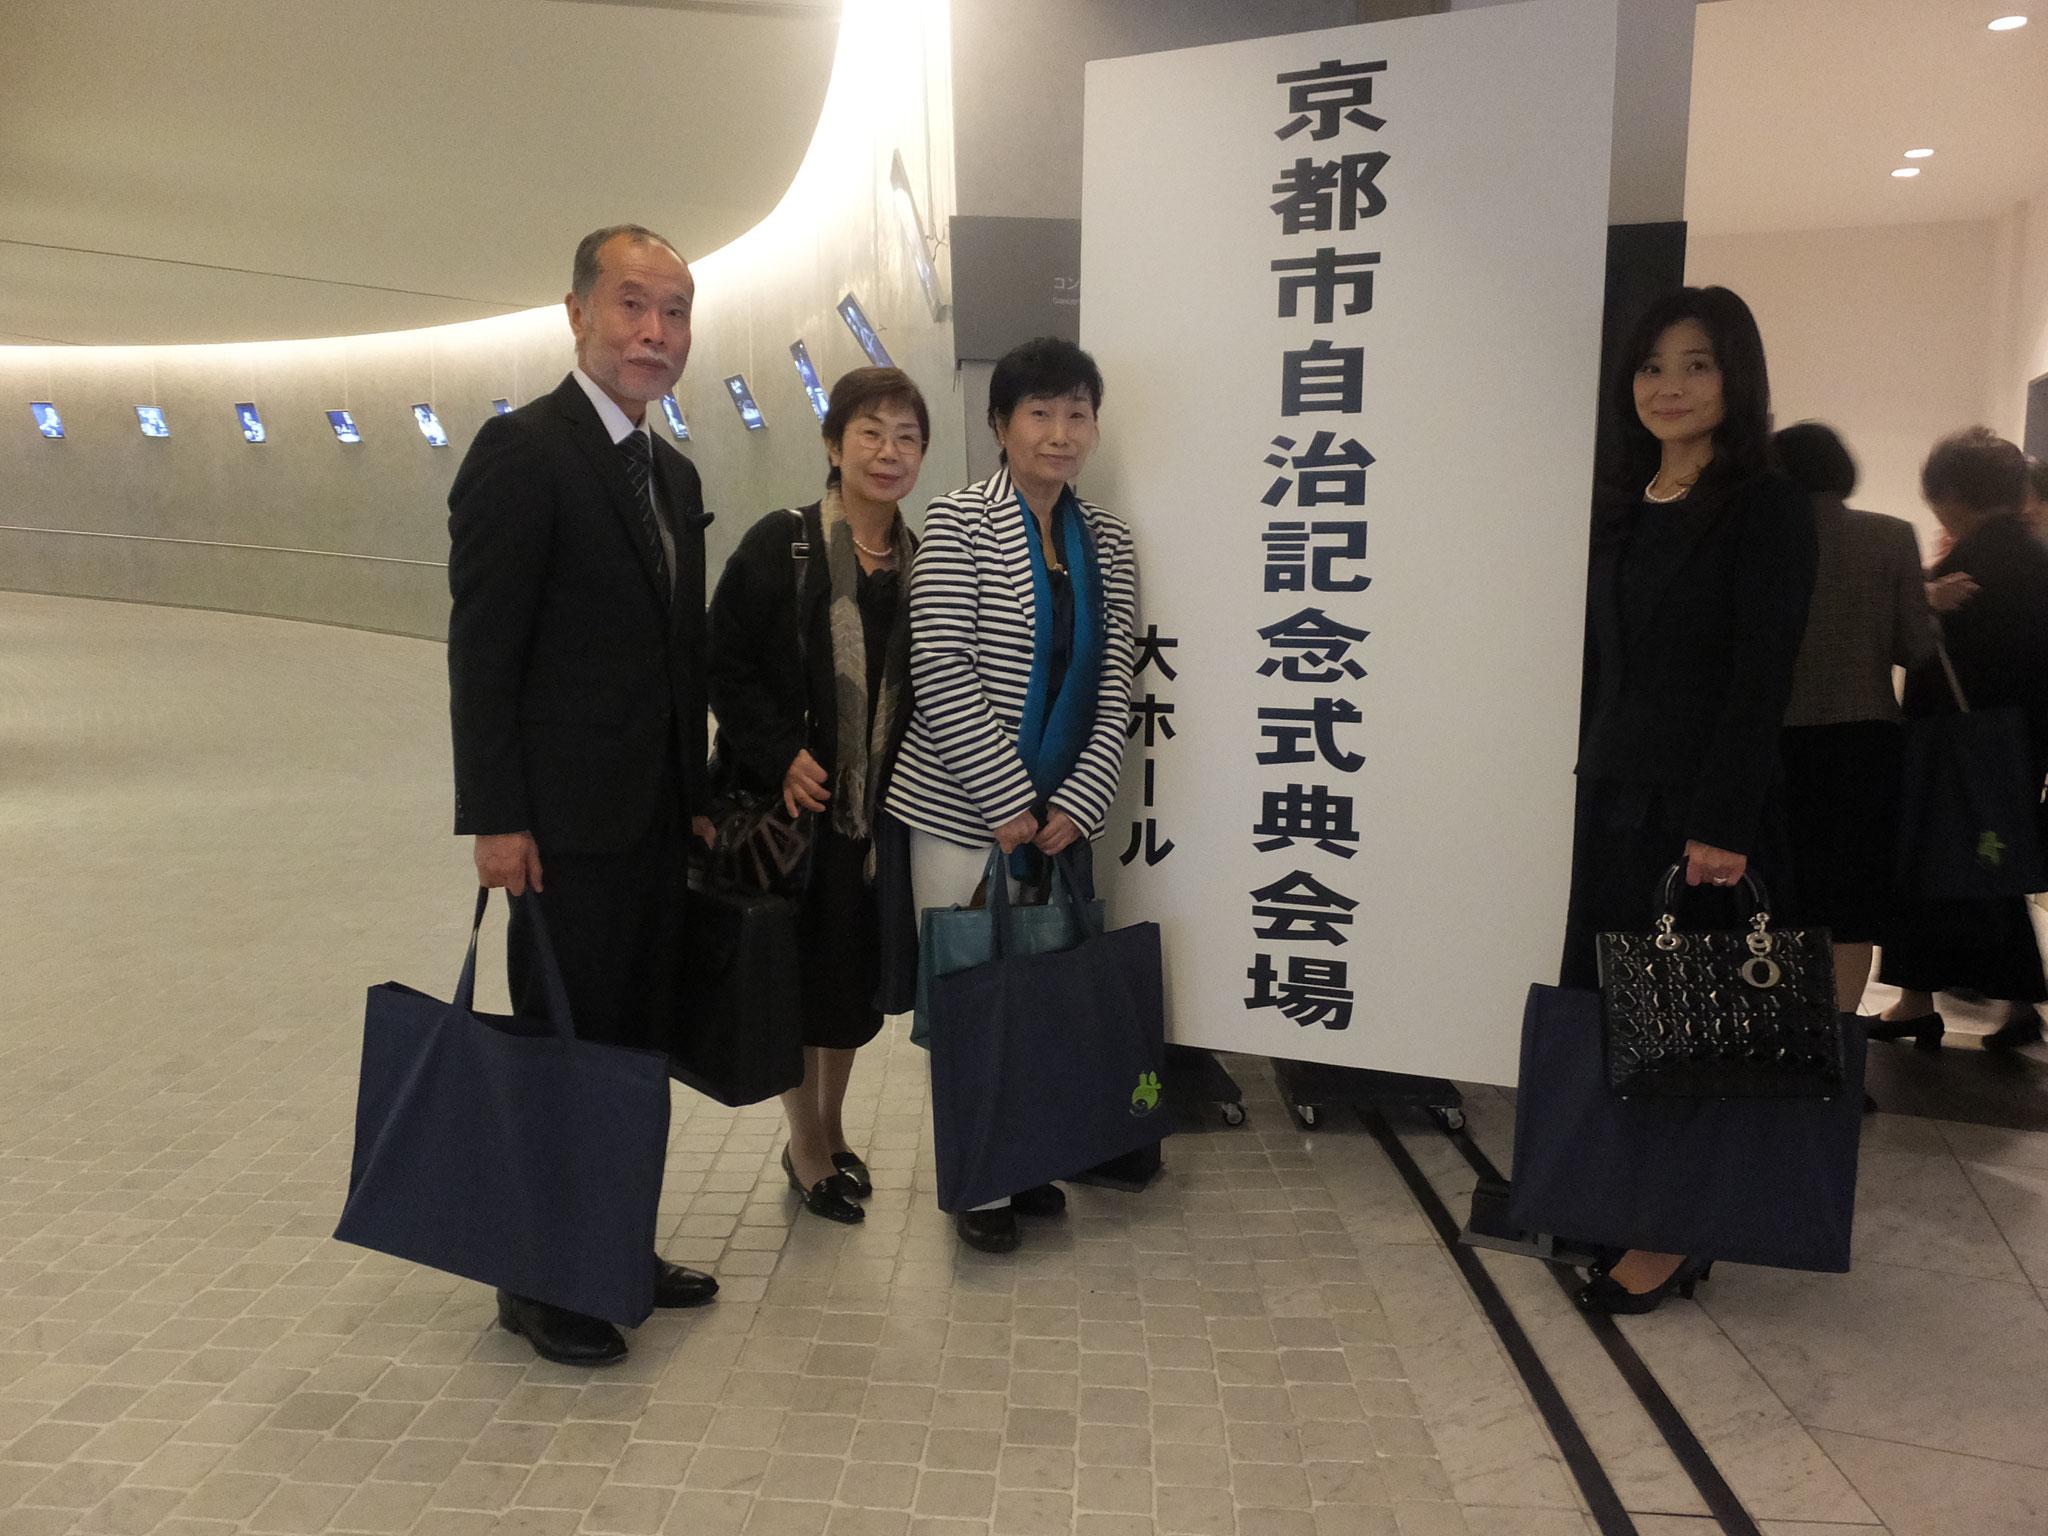 2015/10/15 於京都市自治記念式典 西安特別表彰